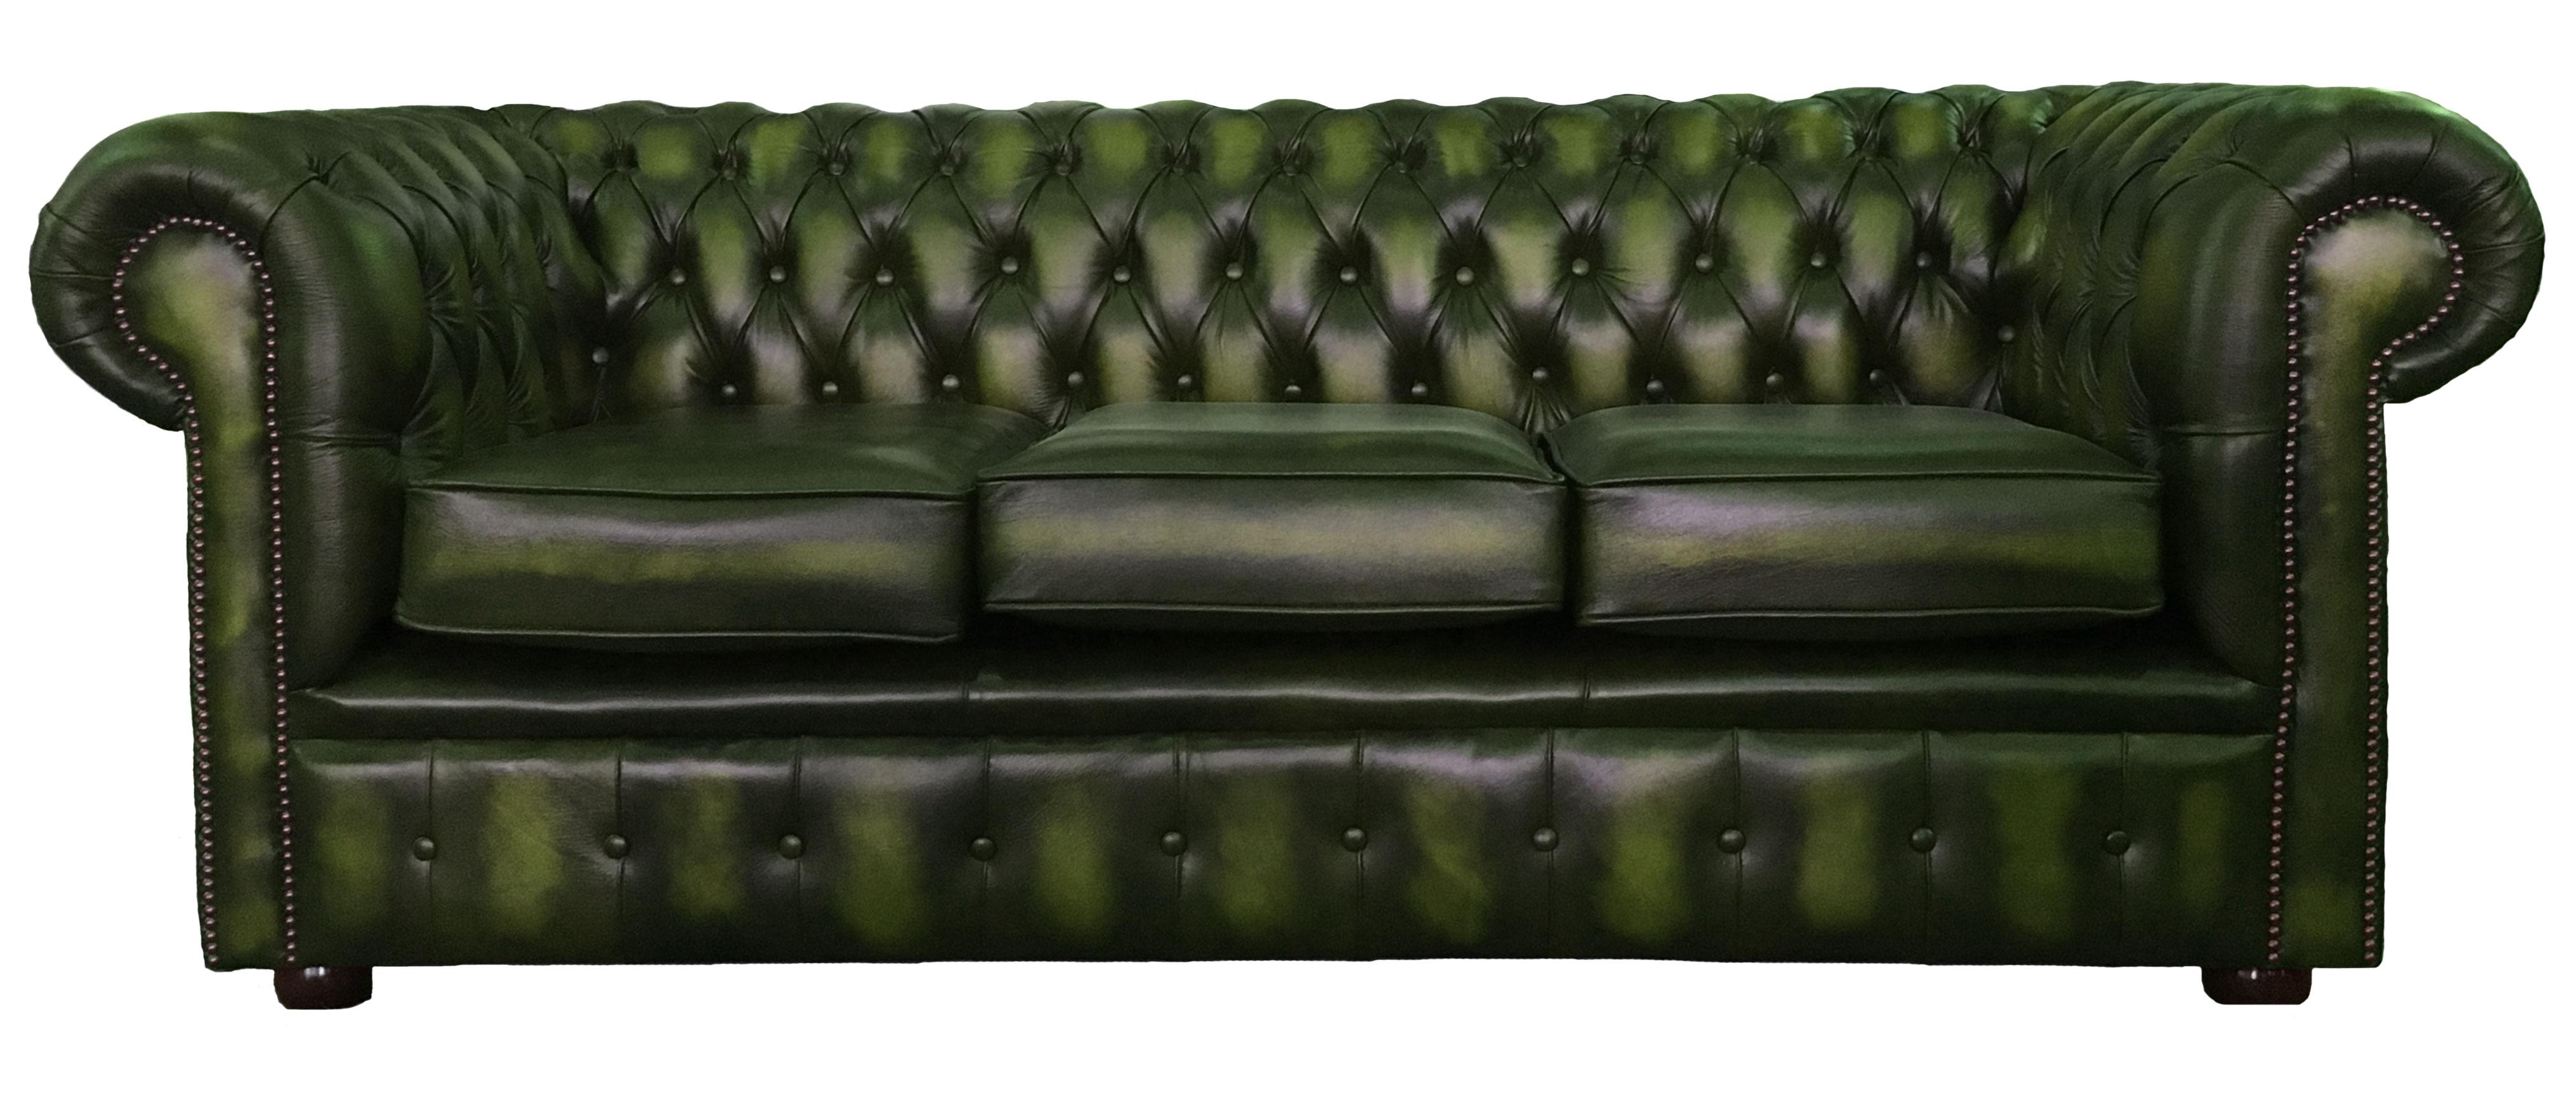 Schön Sofa Grün Galerie Von 100 Echtleder Chesterfield 3- Sitzer Antik Gruen